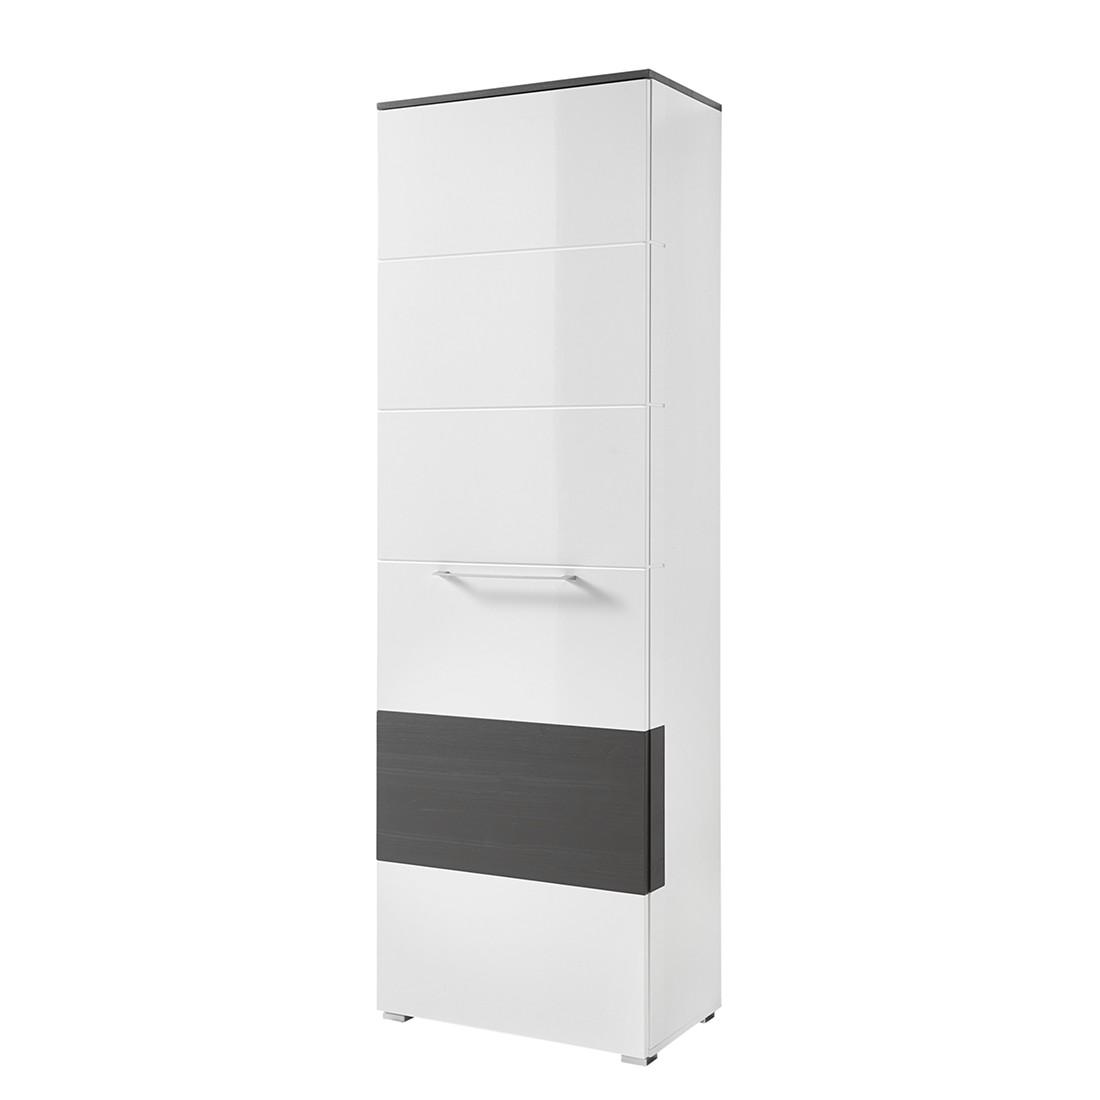 Garderobenschrank weiss hochglanz preisvergleiche for Garderobenschrank schwarz hochglanz